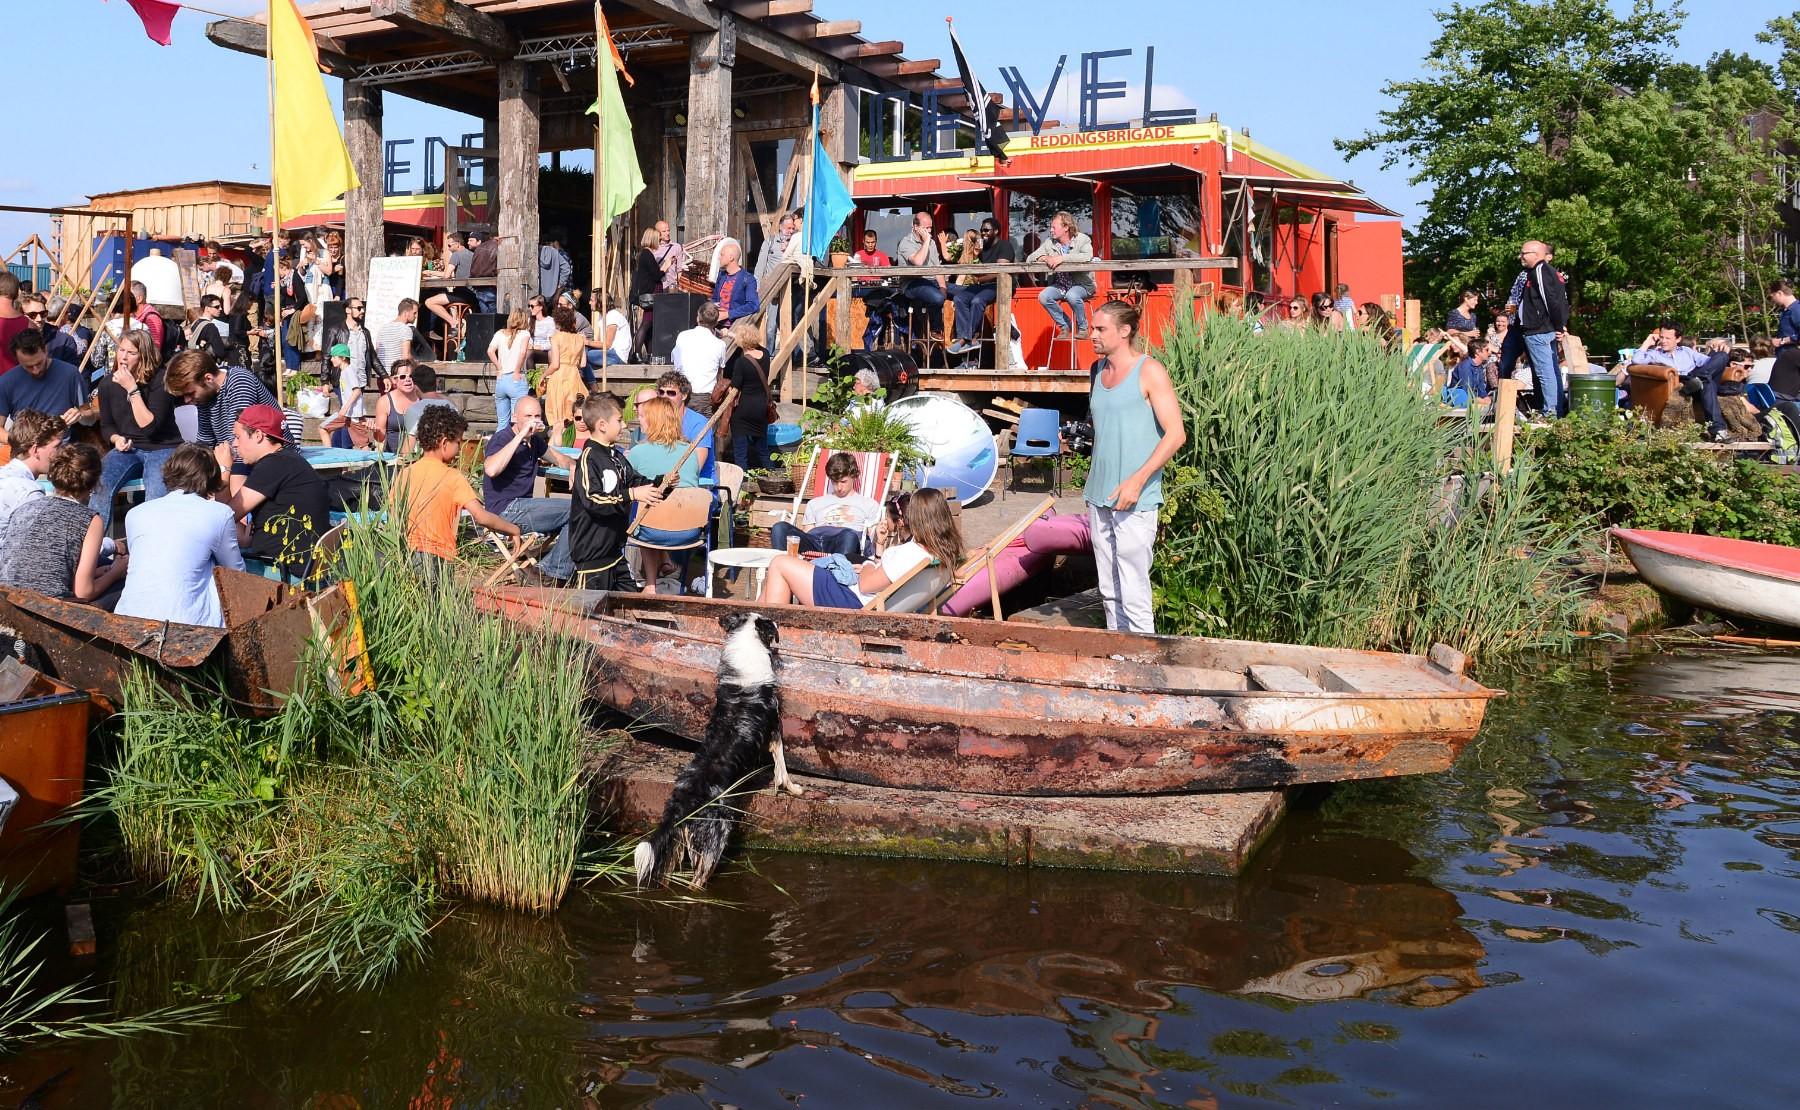 De Ceuvel à Amsterdam, un quartier sur l'eau